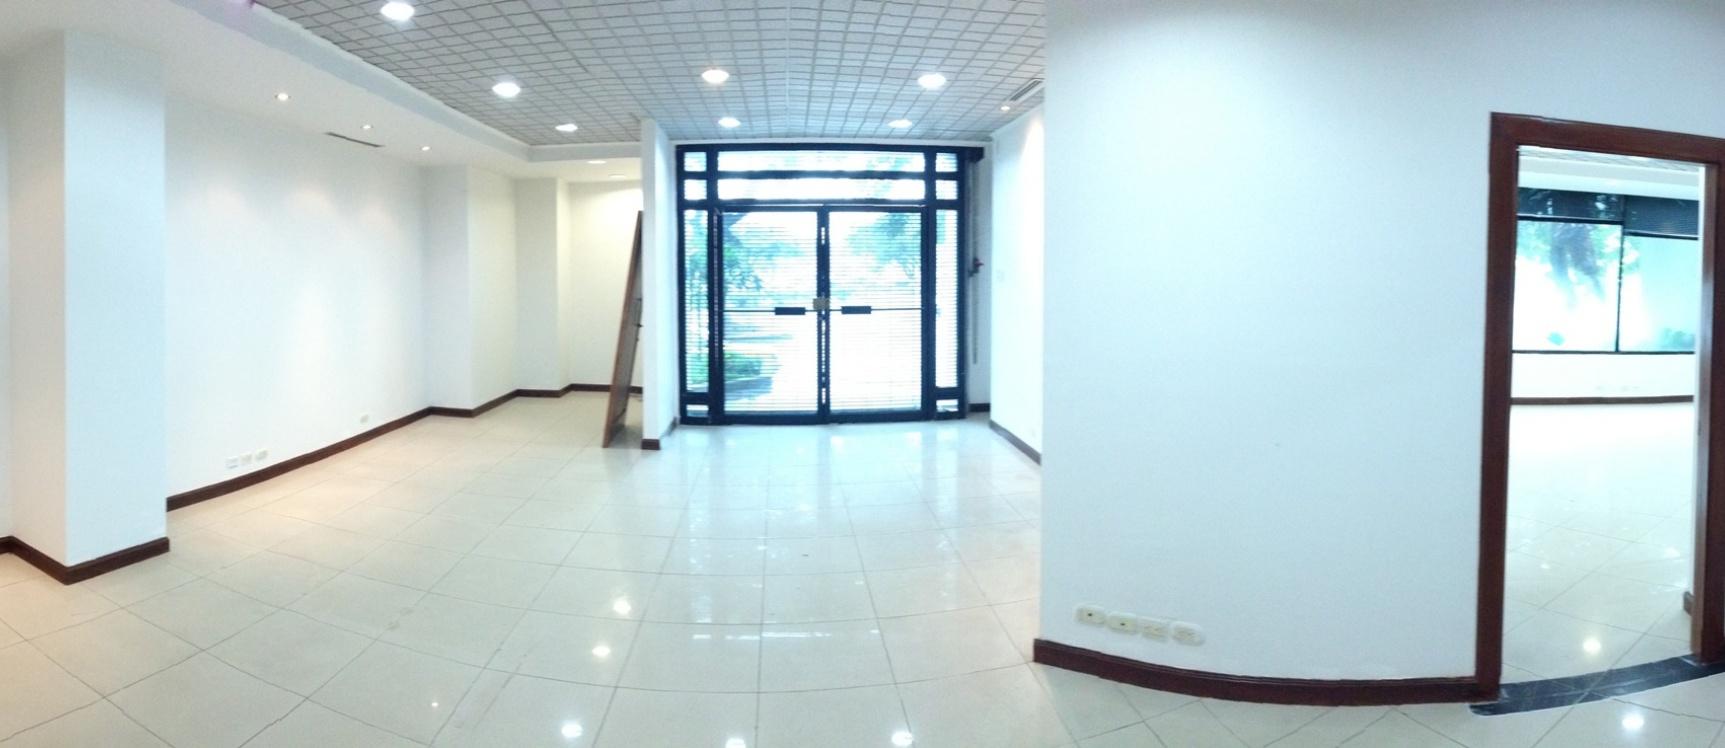 GeoBienes - Local comercial y oficina en alquiler en Guayaquil - Plusvalia Guayaquil Casas de venta y alquiler Inmobiliaria Ecuador